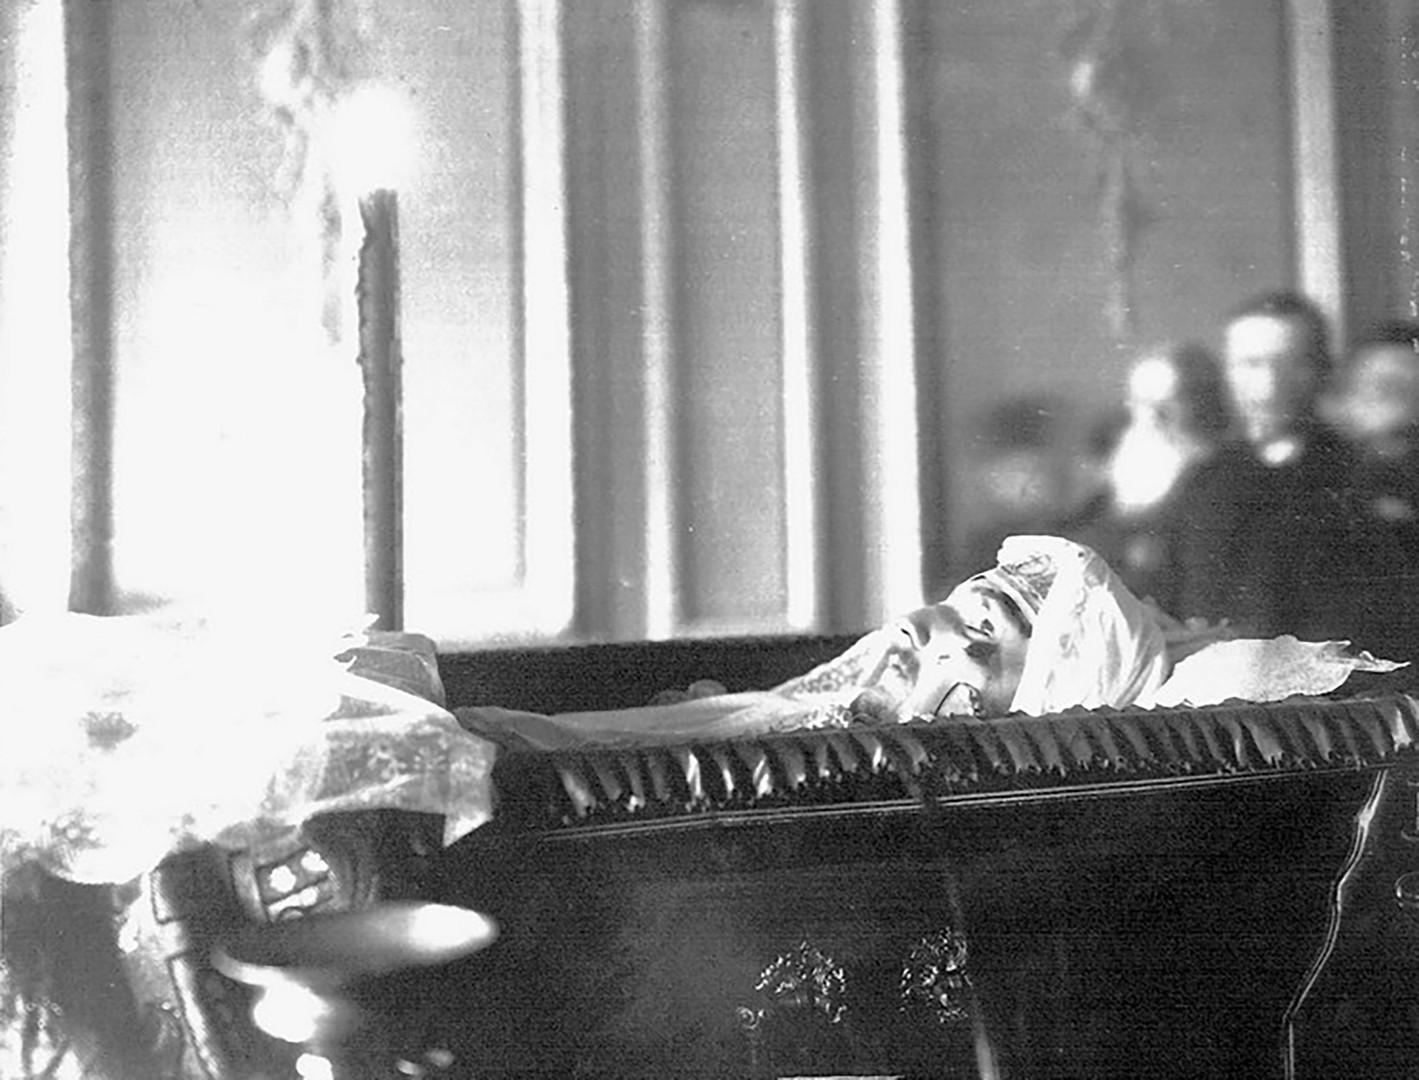 Николај Шмит у мртвачком сандуку. Извор: Wikipedia.org